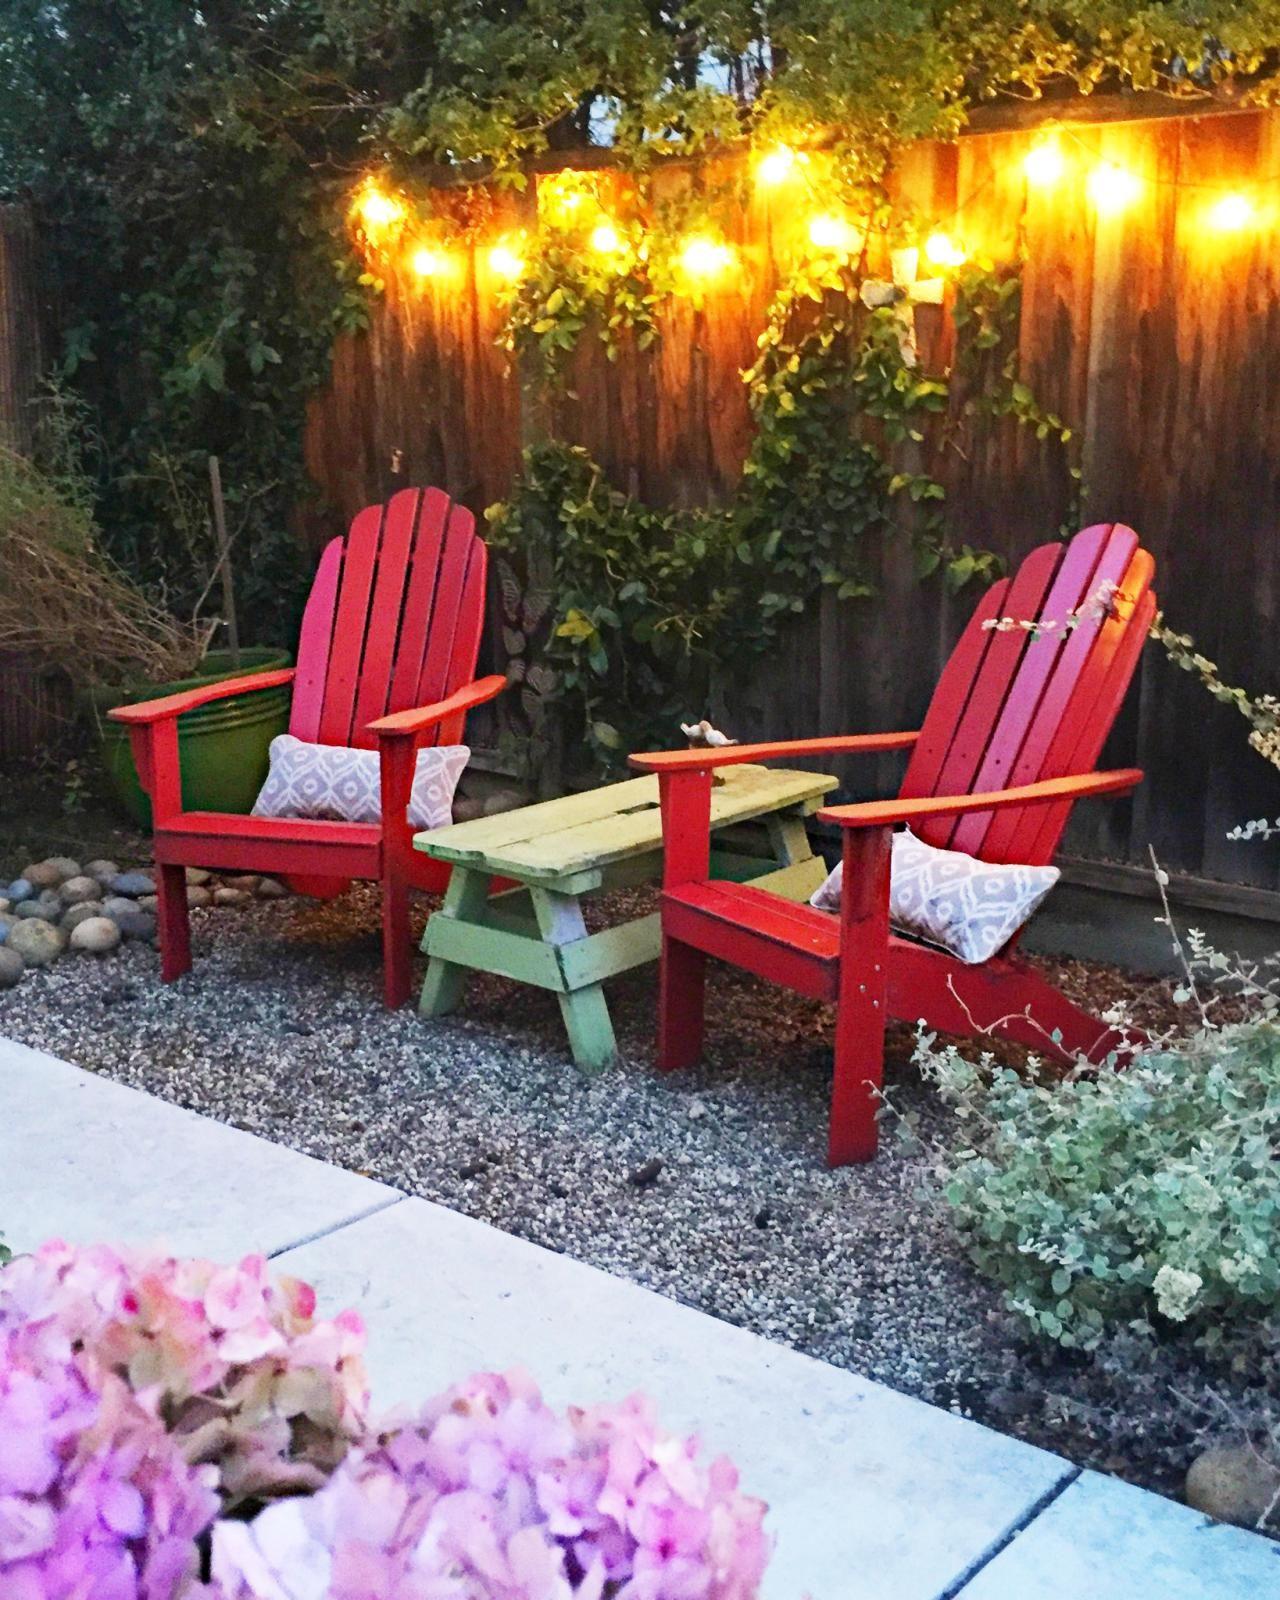 Hgtv Garden Design Ideas: Patio, Small Patio